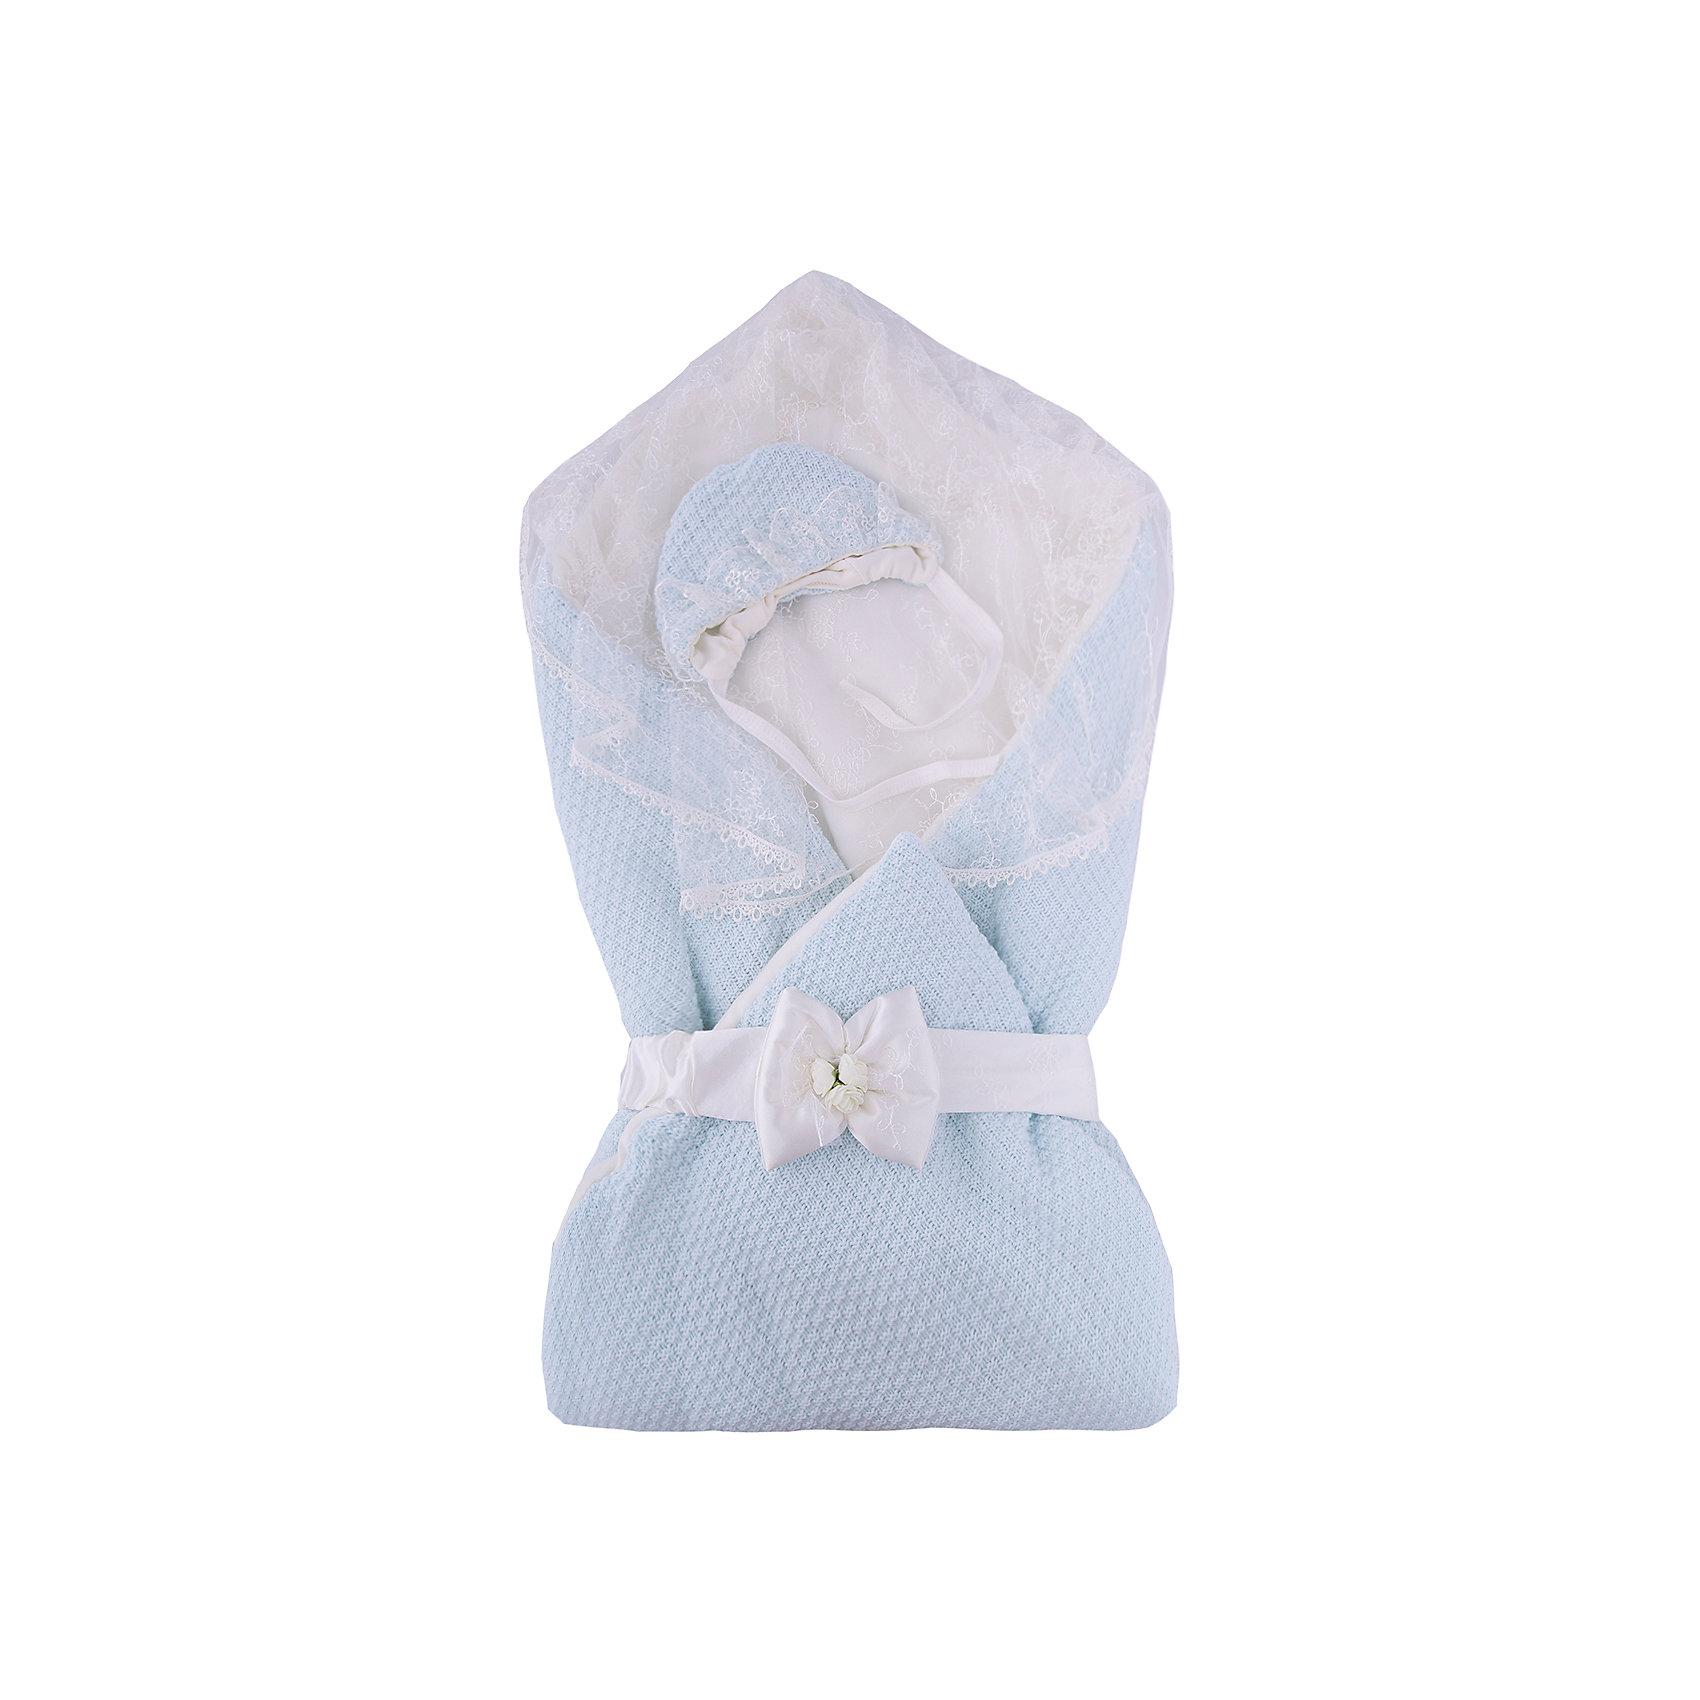 Конверт-одеяло на выписку Жемчужинка, Сонный гномик, голубойКонверты на выписку<br>Характеристики:<br><br>• Вид детского текстиля: конверт-одеяло<br>• Сезон: весна, осень<br>• Температурный режим: от 0? С до +10? С<br>• Утеплитель: шелтер, 200 г/кв.м<br>• Пол: для мальчика<br>• Серия: Жемчужинка<br>• Тематика рисунка: без рисунка<br>• Материал: акрил, хлопок<br>• Цвет: голубой, белый<br>• Комплектация: конверт-одеяло, съемная вуаль на липучке, вязаная шапочка, пояс-бант <br>• Размеры одеяла: 90*90 см<br>• Упаковка: полиэтилен <br>• Вес в упаковке: 860 г<br>• Особенности ухода: машинная стирка при температуре 30 градусов без использования красящих и отбеливающих веществ<br><br>Конверт-одеяло на выписку Жемчужинка, Сонный гномик, голубой от отечественного торгового бренда выполнен с учетом международных требований к качеству и безопасности товаров для детей. Комплект предназначен для выписки из роддома в демисезонный период. Верхняя часть конверта выполнена из вязаного акрилового полотна, внутренняя – из трикотажа. Повышенную степень утепления обеспечивает инновационный материал – шелтер, который характеризуется сохранением теплоизоляционных свойств даже при частых стирках. Для создания праздничного образа в комплекте предусмотрен вязаный чепчик, декорированный кружевом. У конверта имеется съемная вуаль белого цвета на липучке и белый бант-пояс. Изделие отличается функциональностью, после выписки его можно использовать в качестве одеяла для сна или для прогулок в прохладное время года.<br><br>Конверт-одеяло на выписку Жемчужинка, Сонный гномик, голубой можно купить в нашем интернет-магазине.<br><br>Ширина мм: 450<br>Глубина мм: 100<br>Высота мм: 600<br>Вес г: 860<br>Цвет: голубой<br>Возраст от месяцев: 0<br>Возраст до месяцев: 6<br>Пол: Мужской<br>Возраст: Детский<br>SKU: 4517907